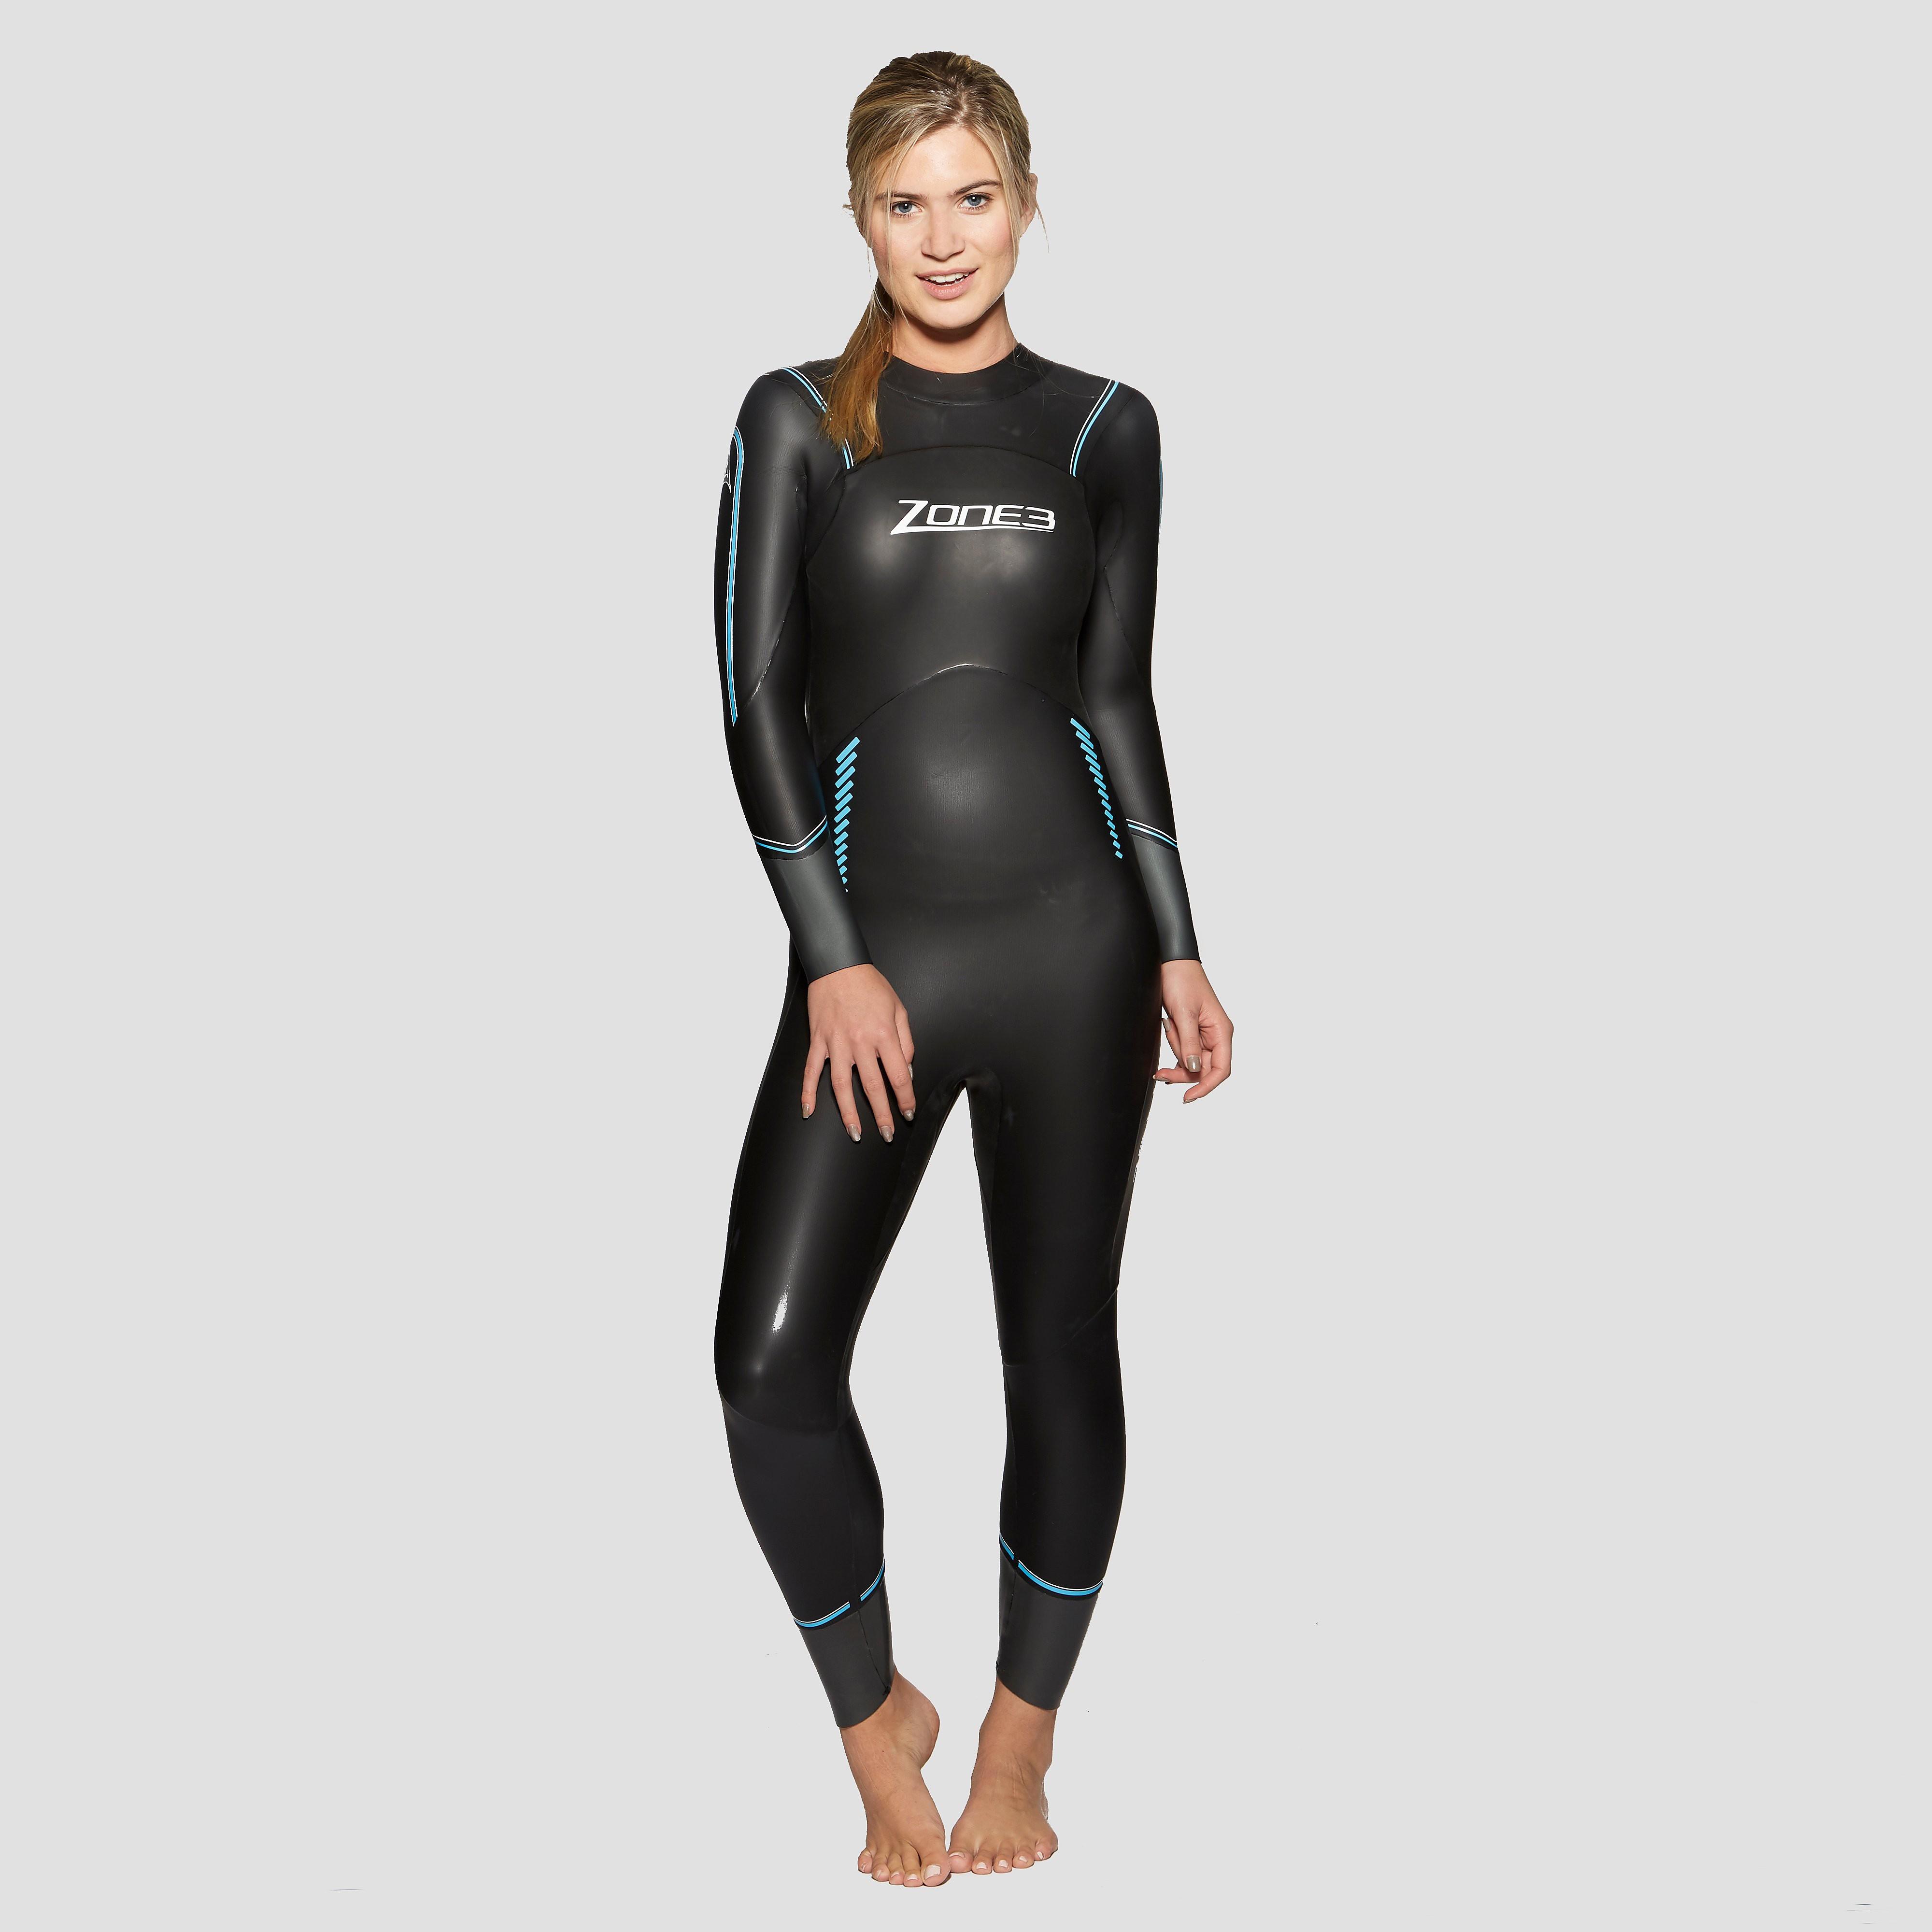 Zone 3 Advance Women's Wetsuit